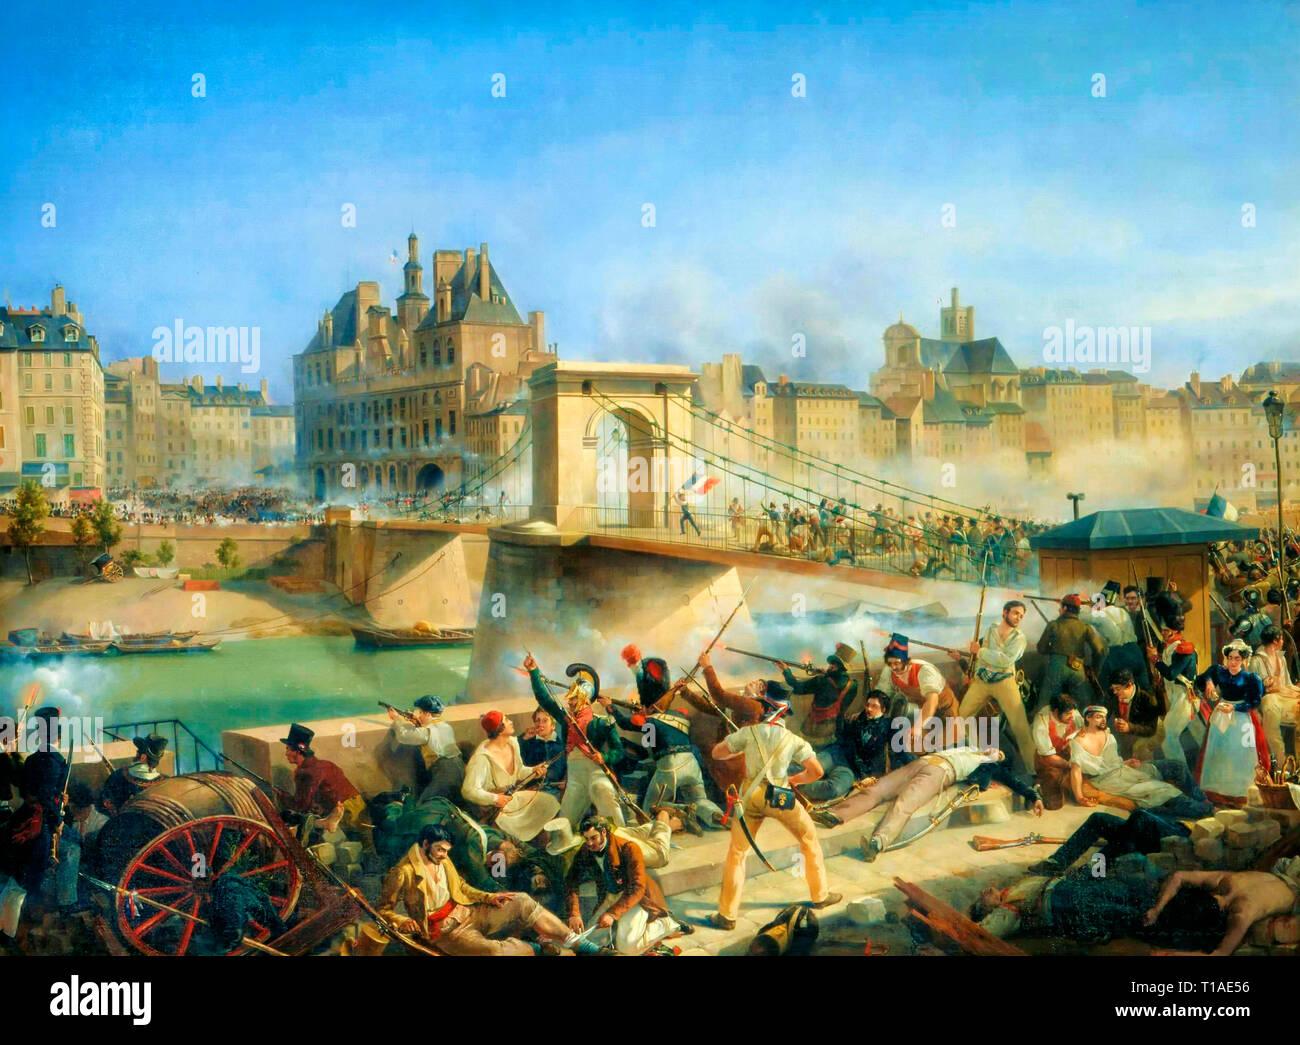 Prise de l'Hôtel de ville - le Pont d'Arcole - Taken from City Hall - Pont d'Arcole - Amédée Bourgeois - Stock Image